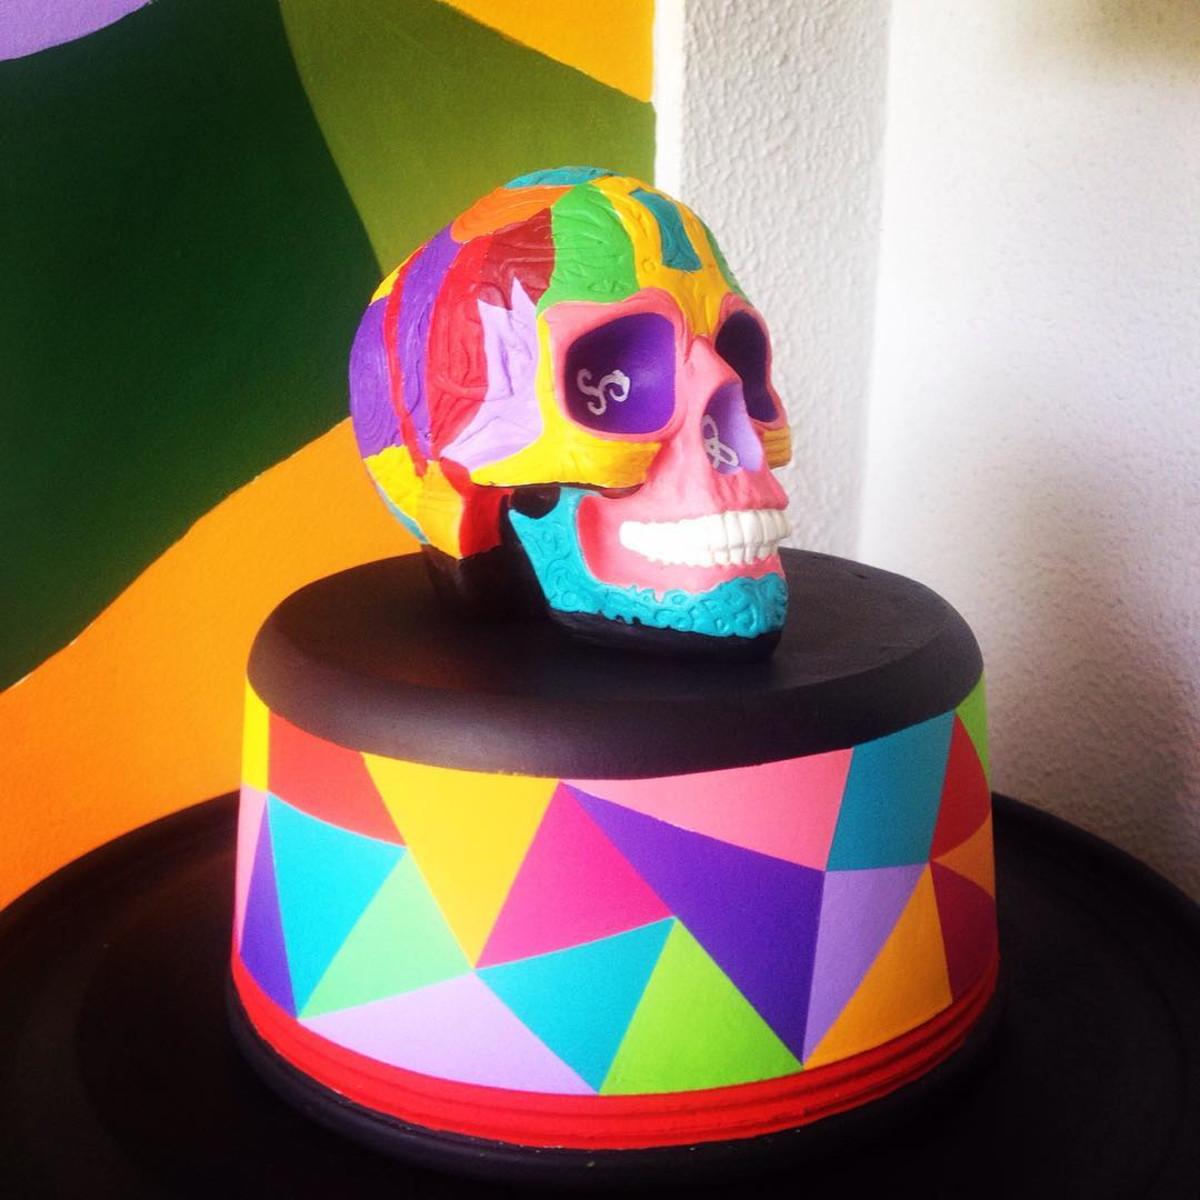 Festas Mexicanas CaveiraVer a imagem de origem